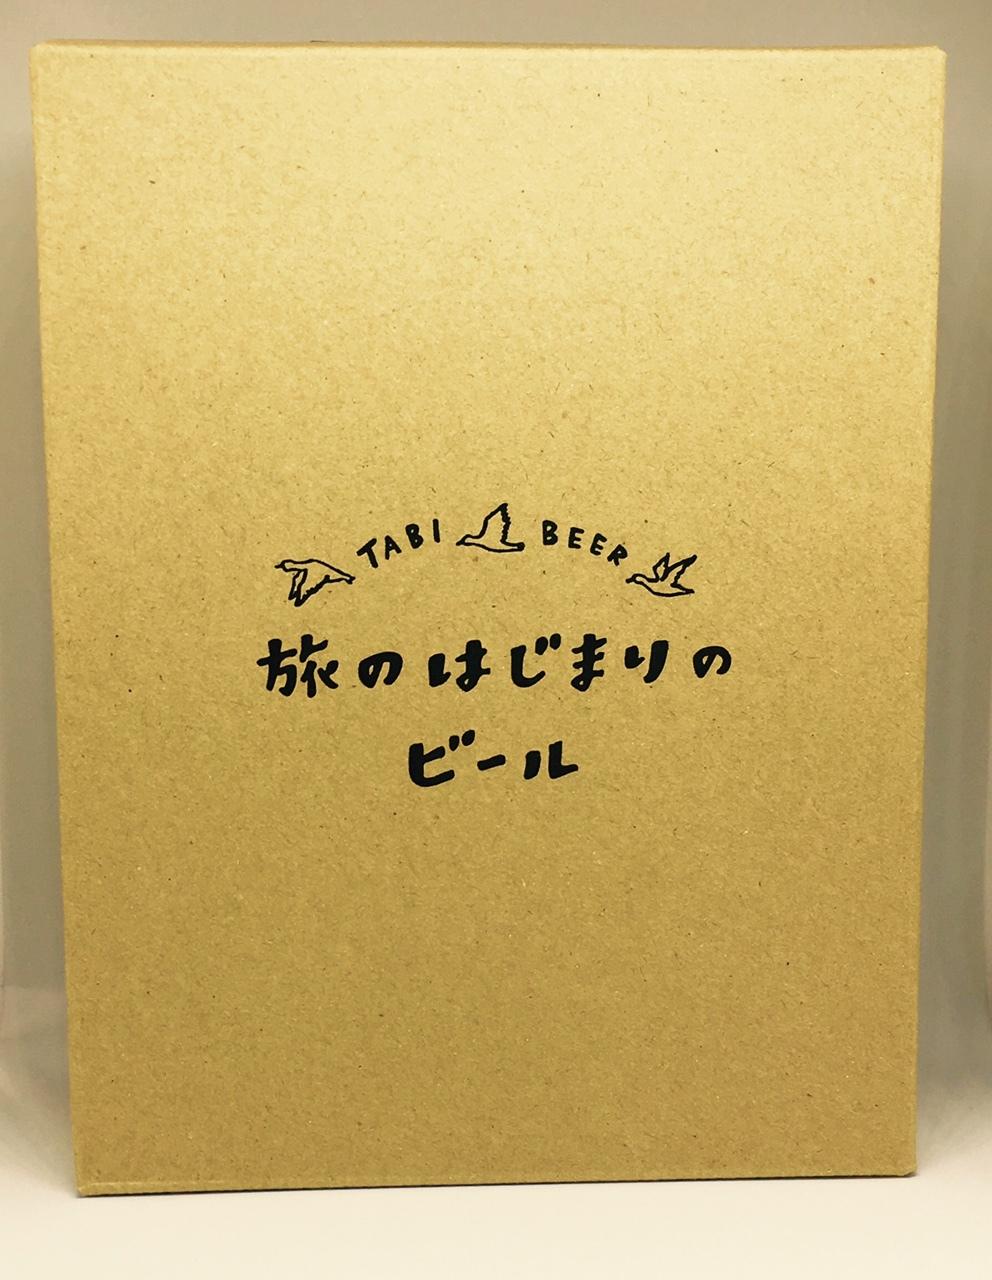 オリジナルギフトボックス(2本用3箱) & コースター(6枚)